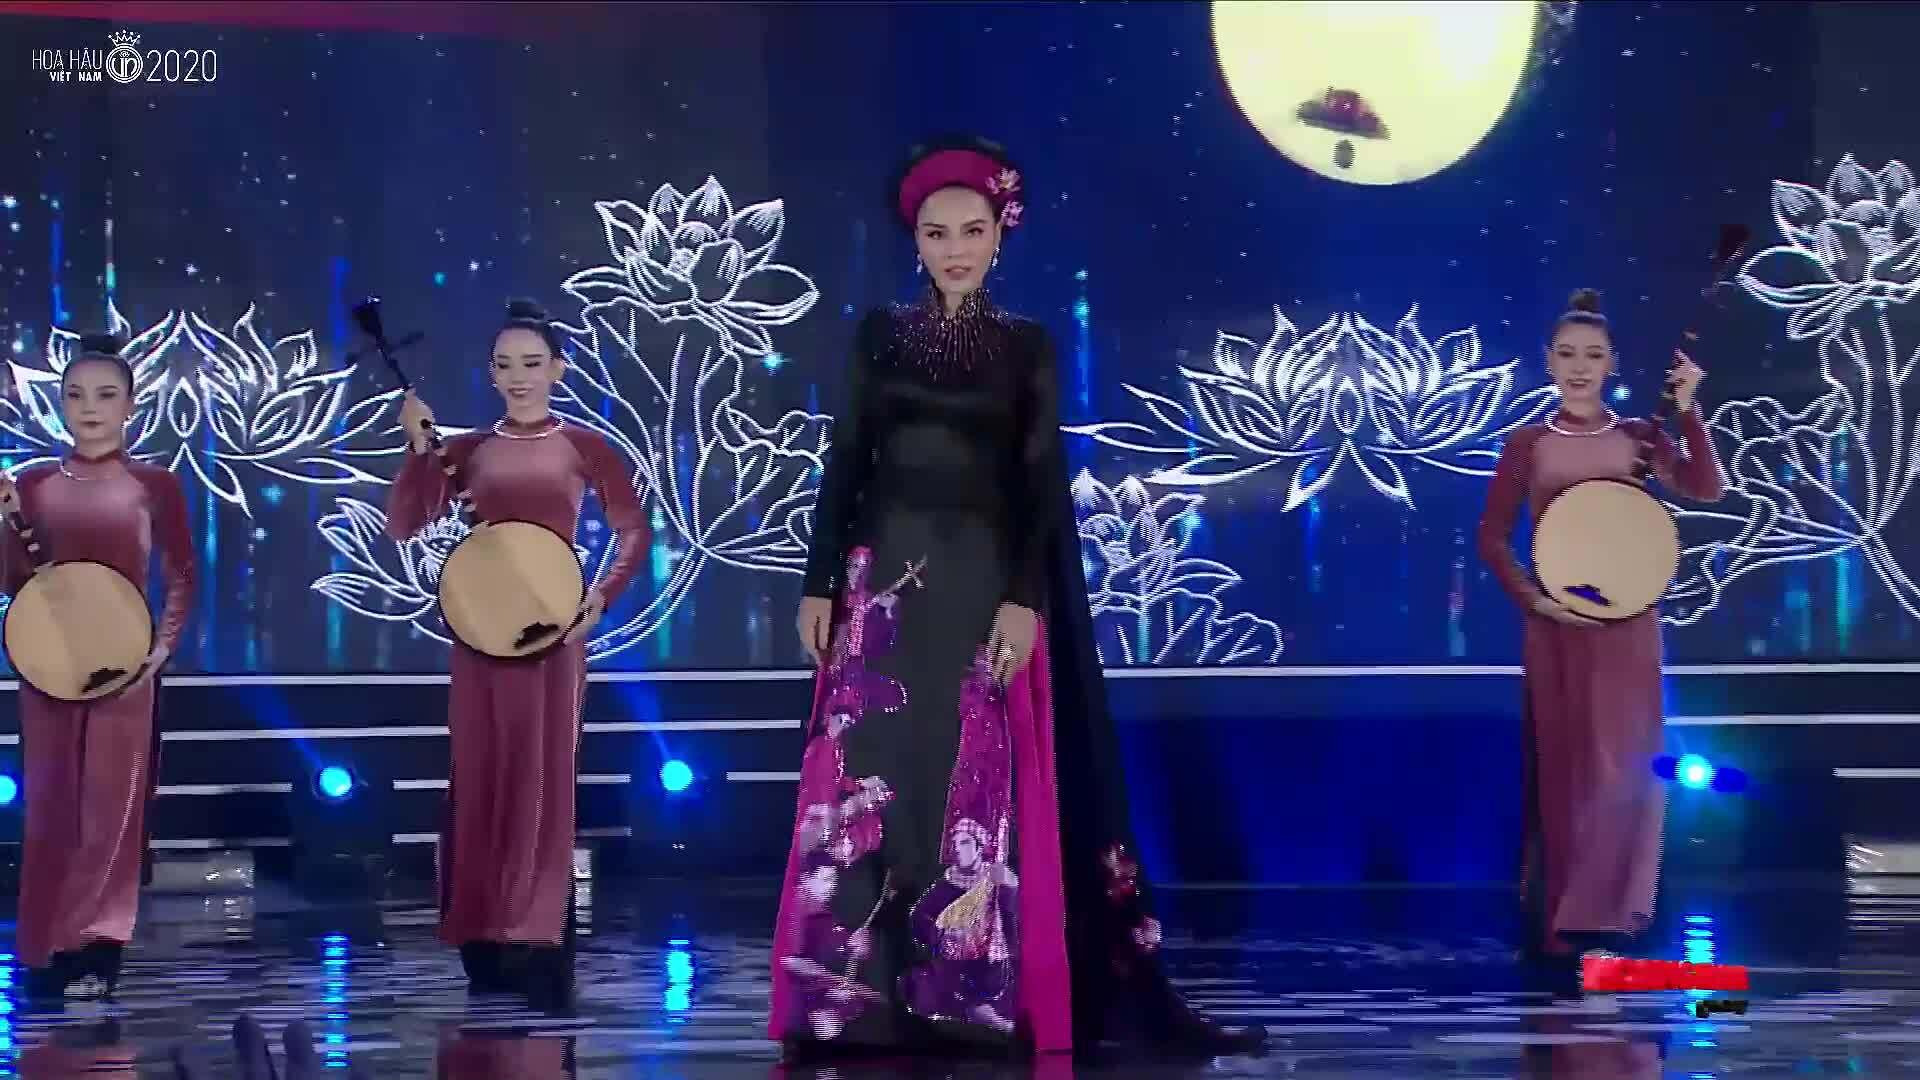 Hoa hậu Kỳ Duyên trình diễn